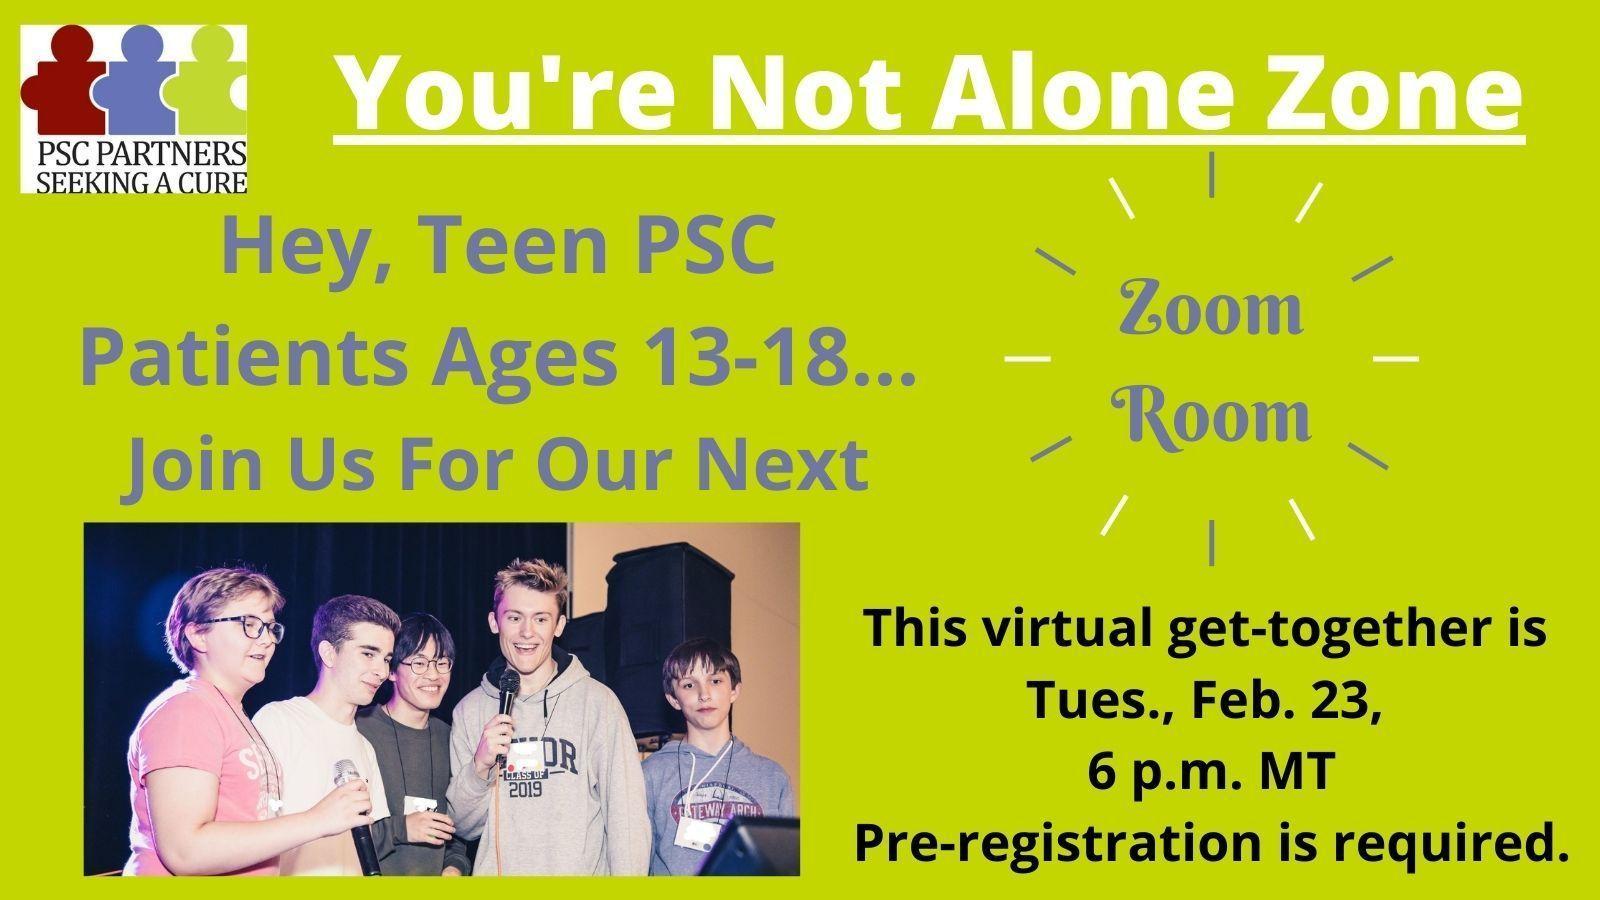 ZoomRoom for Teens (13-18)